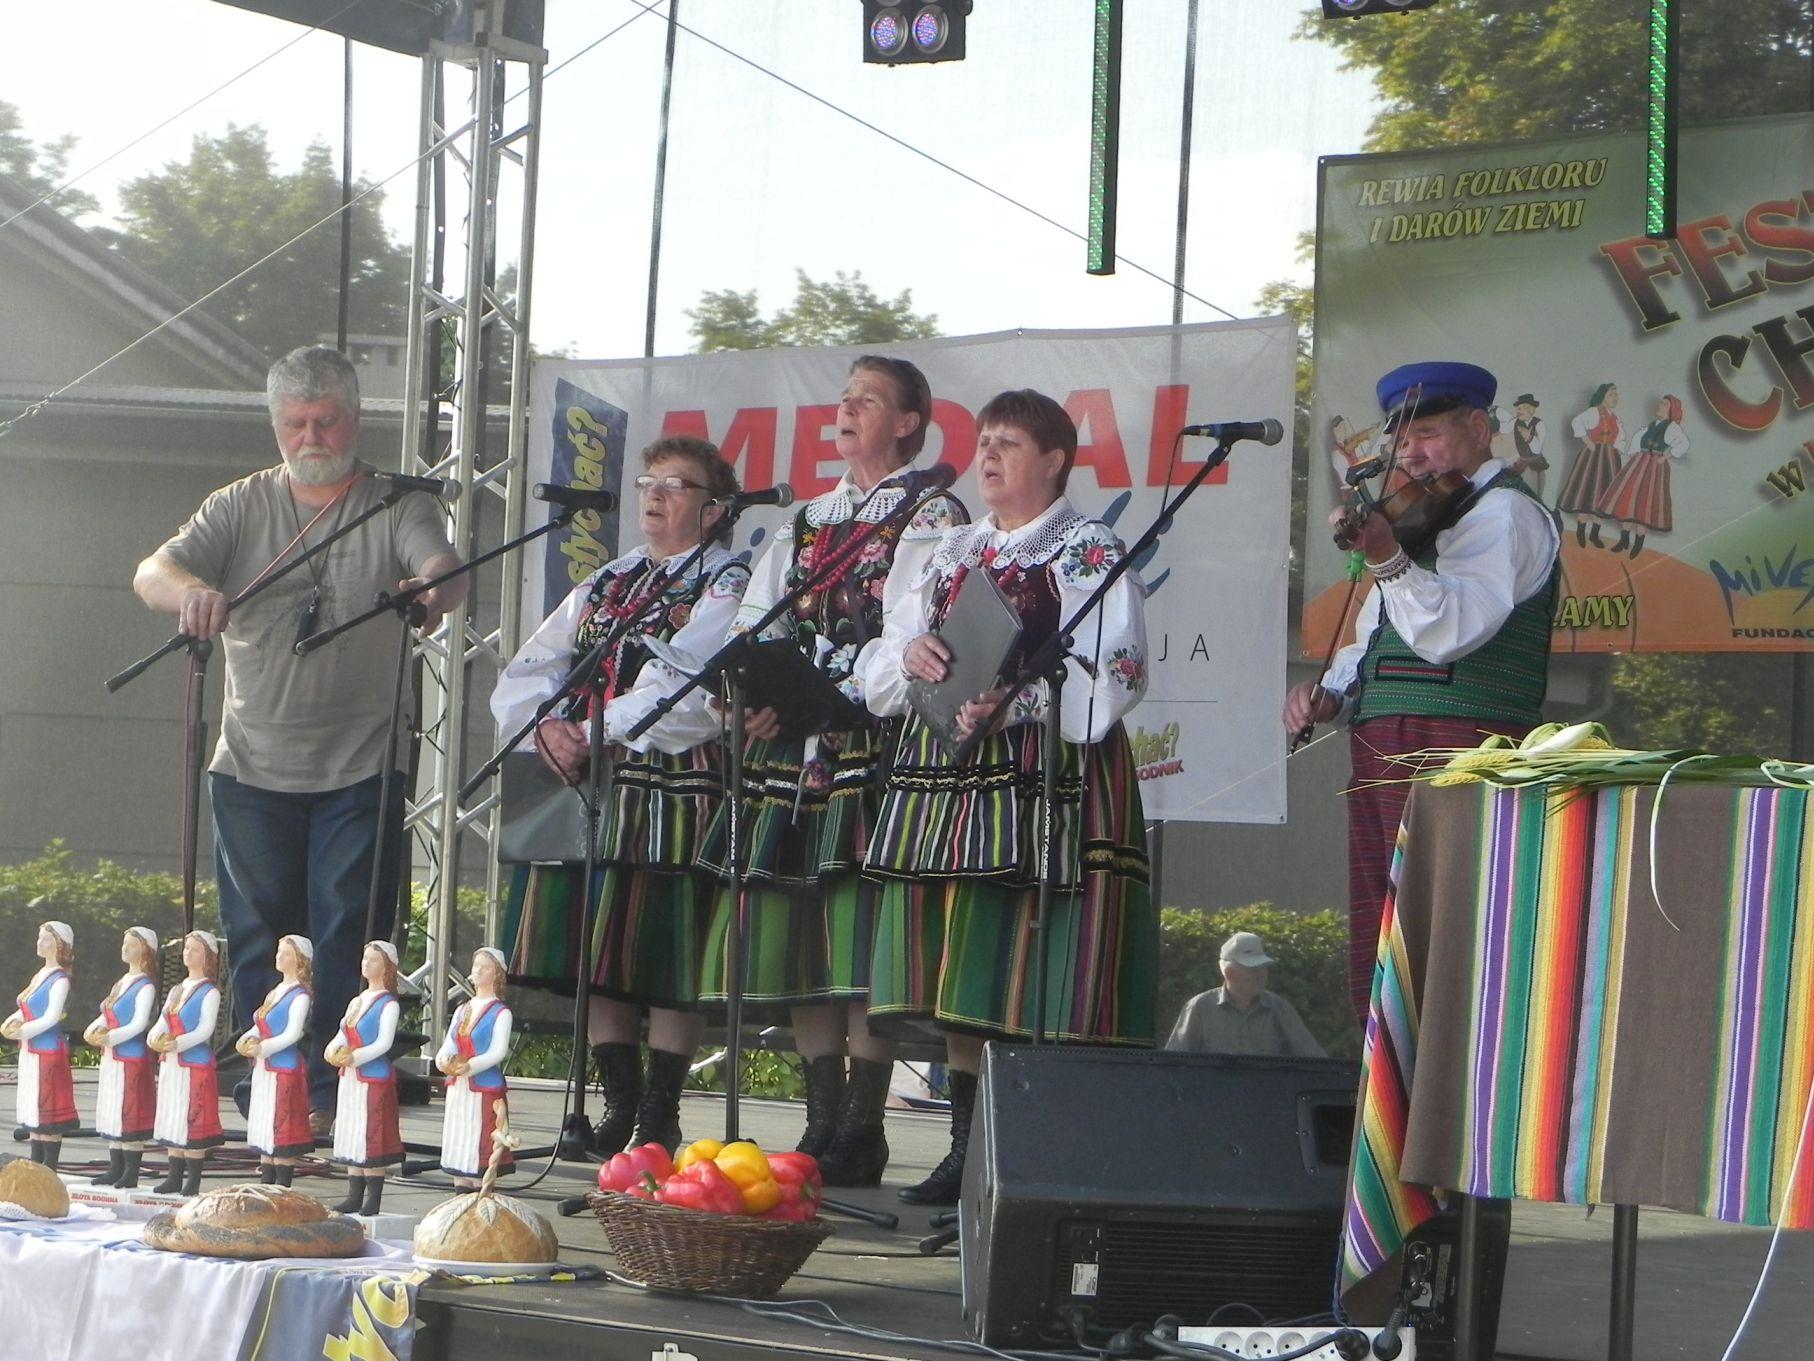 2014-09-07 Mińsk Maz (109)